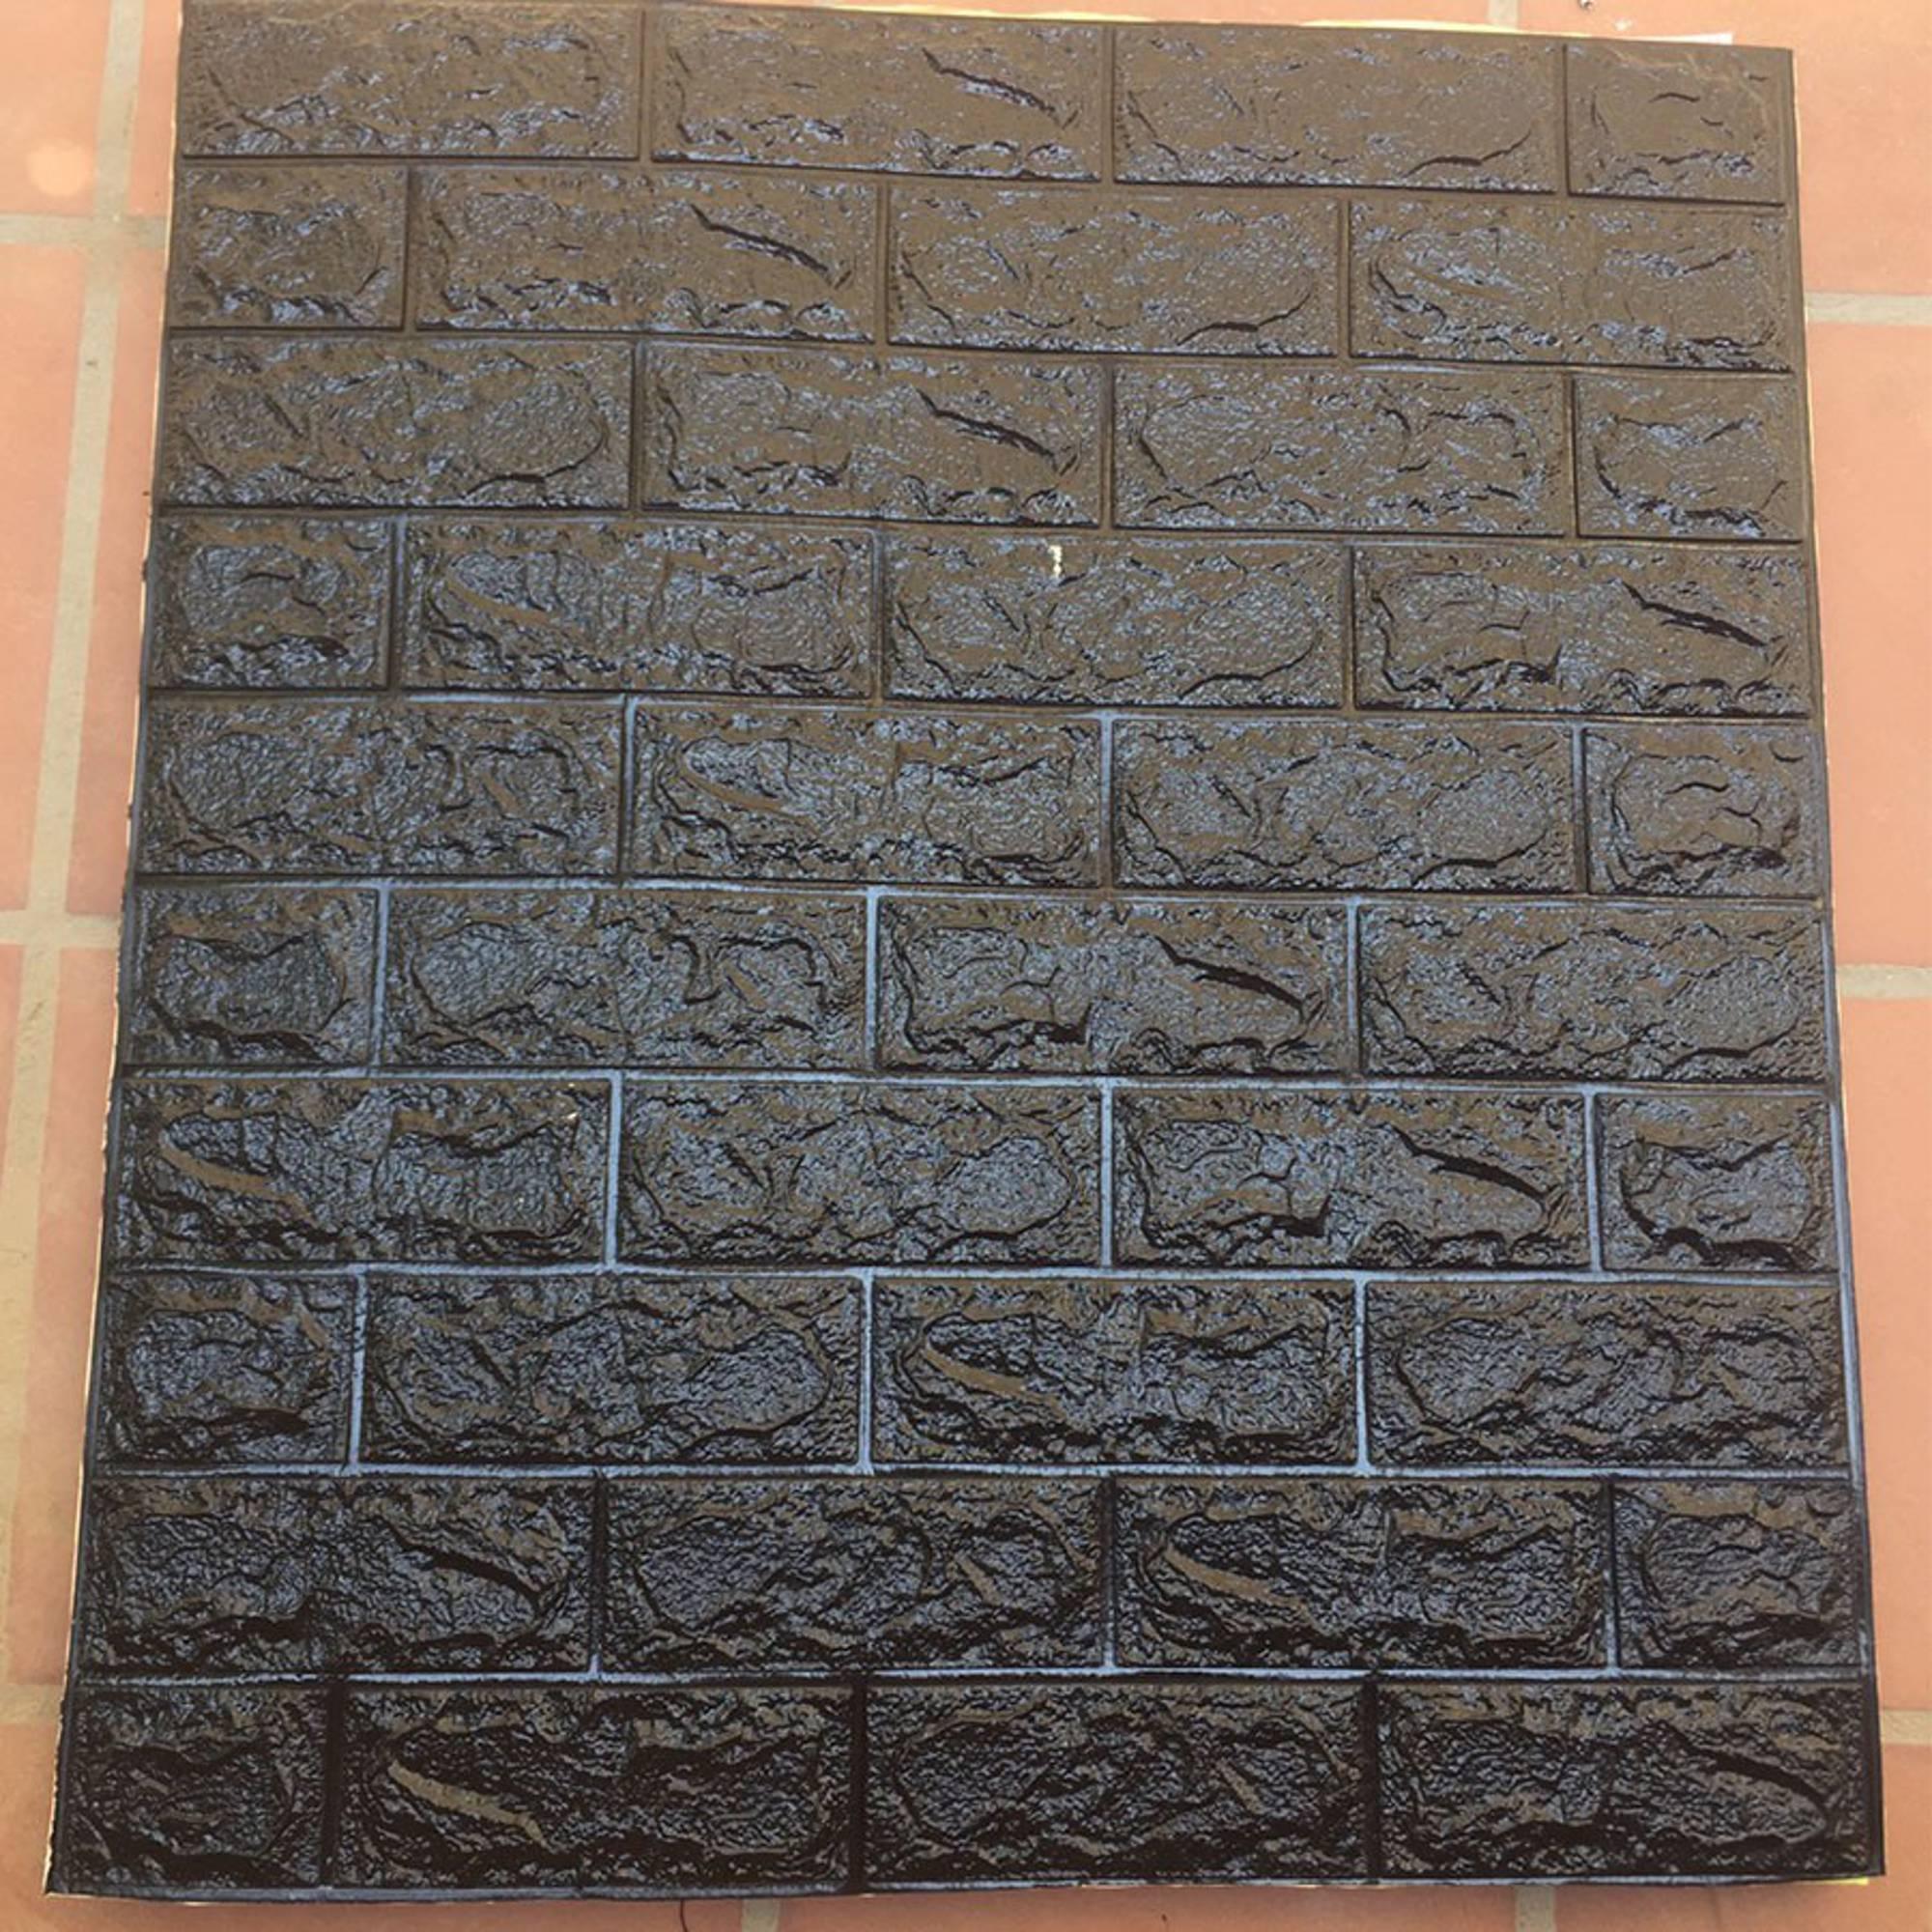 Giấy Dán Tường Giả Gạch 3D Cỡ 70 * 77Cm